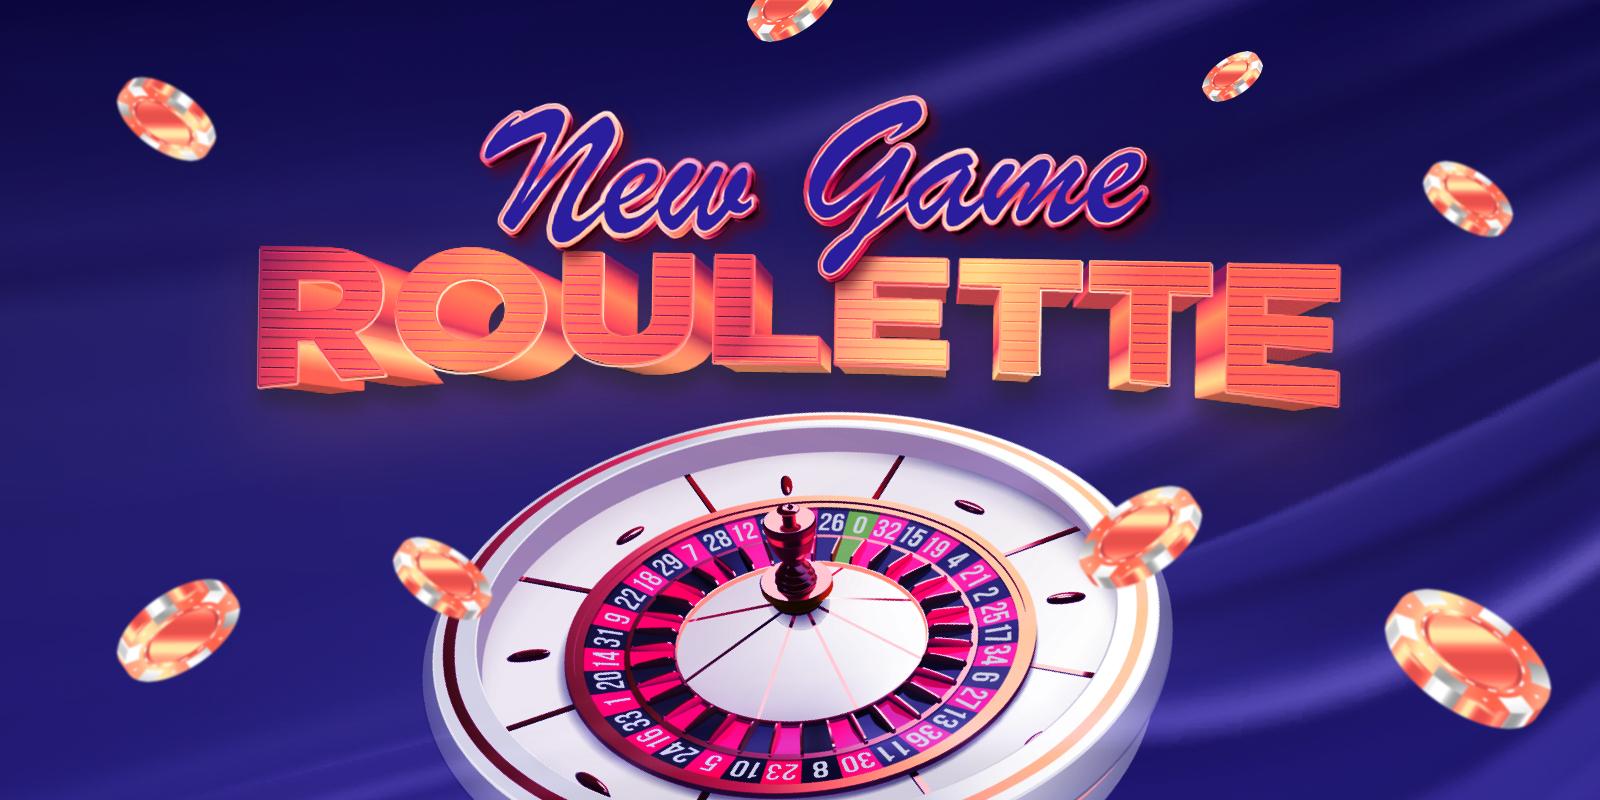 roulette-small-banner.jpg